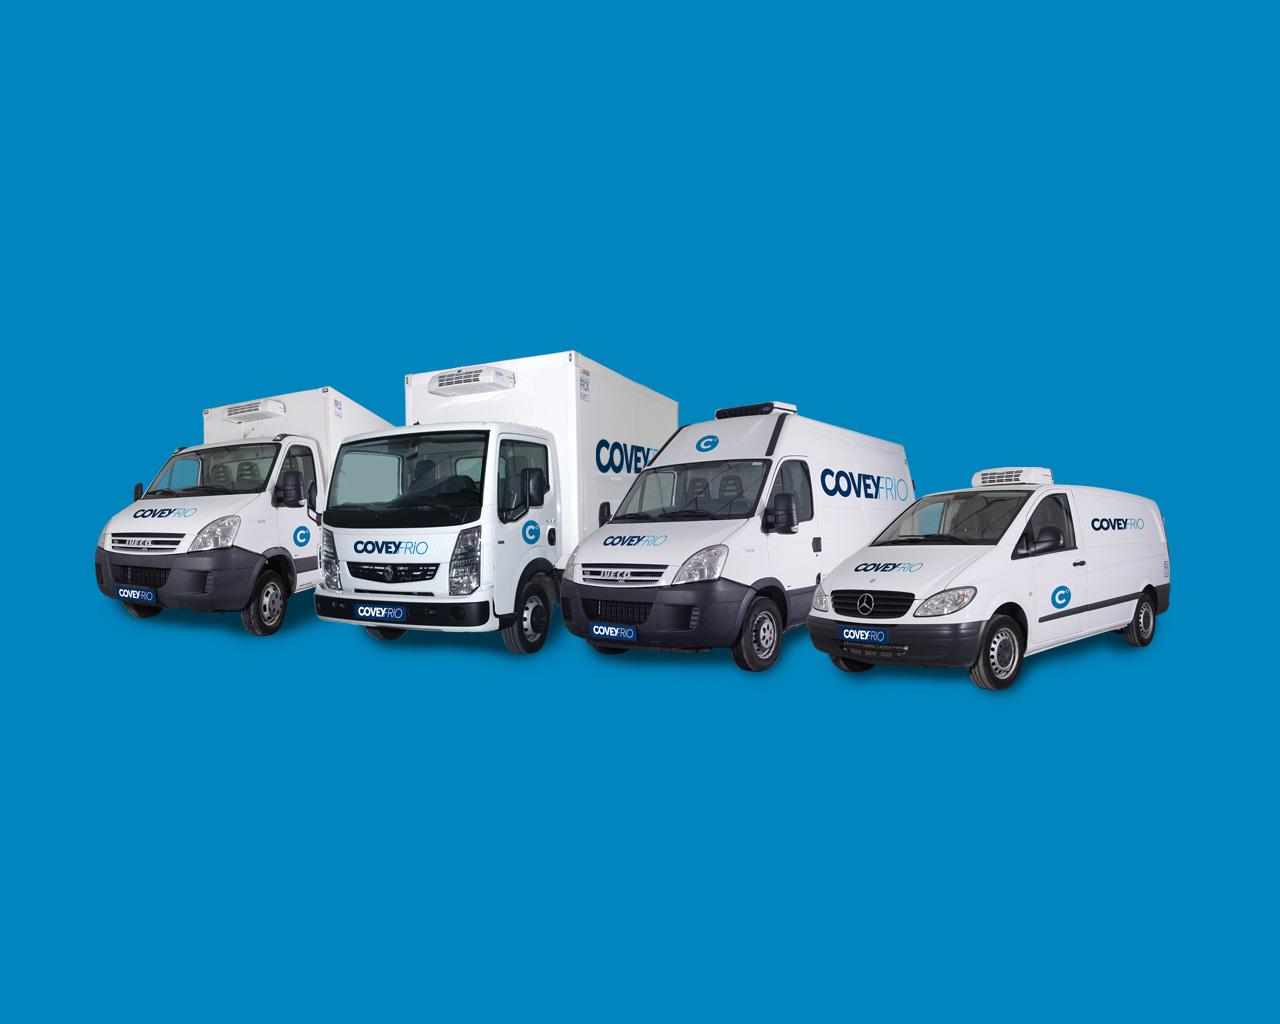 Rotulación de la flota de vehículos frigoríficos Covey Frío - Diseño Momo & Cía.